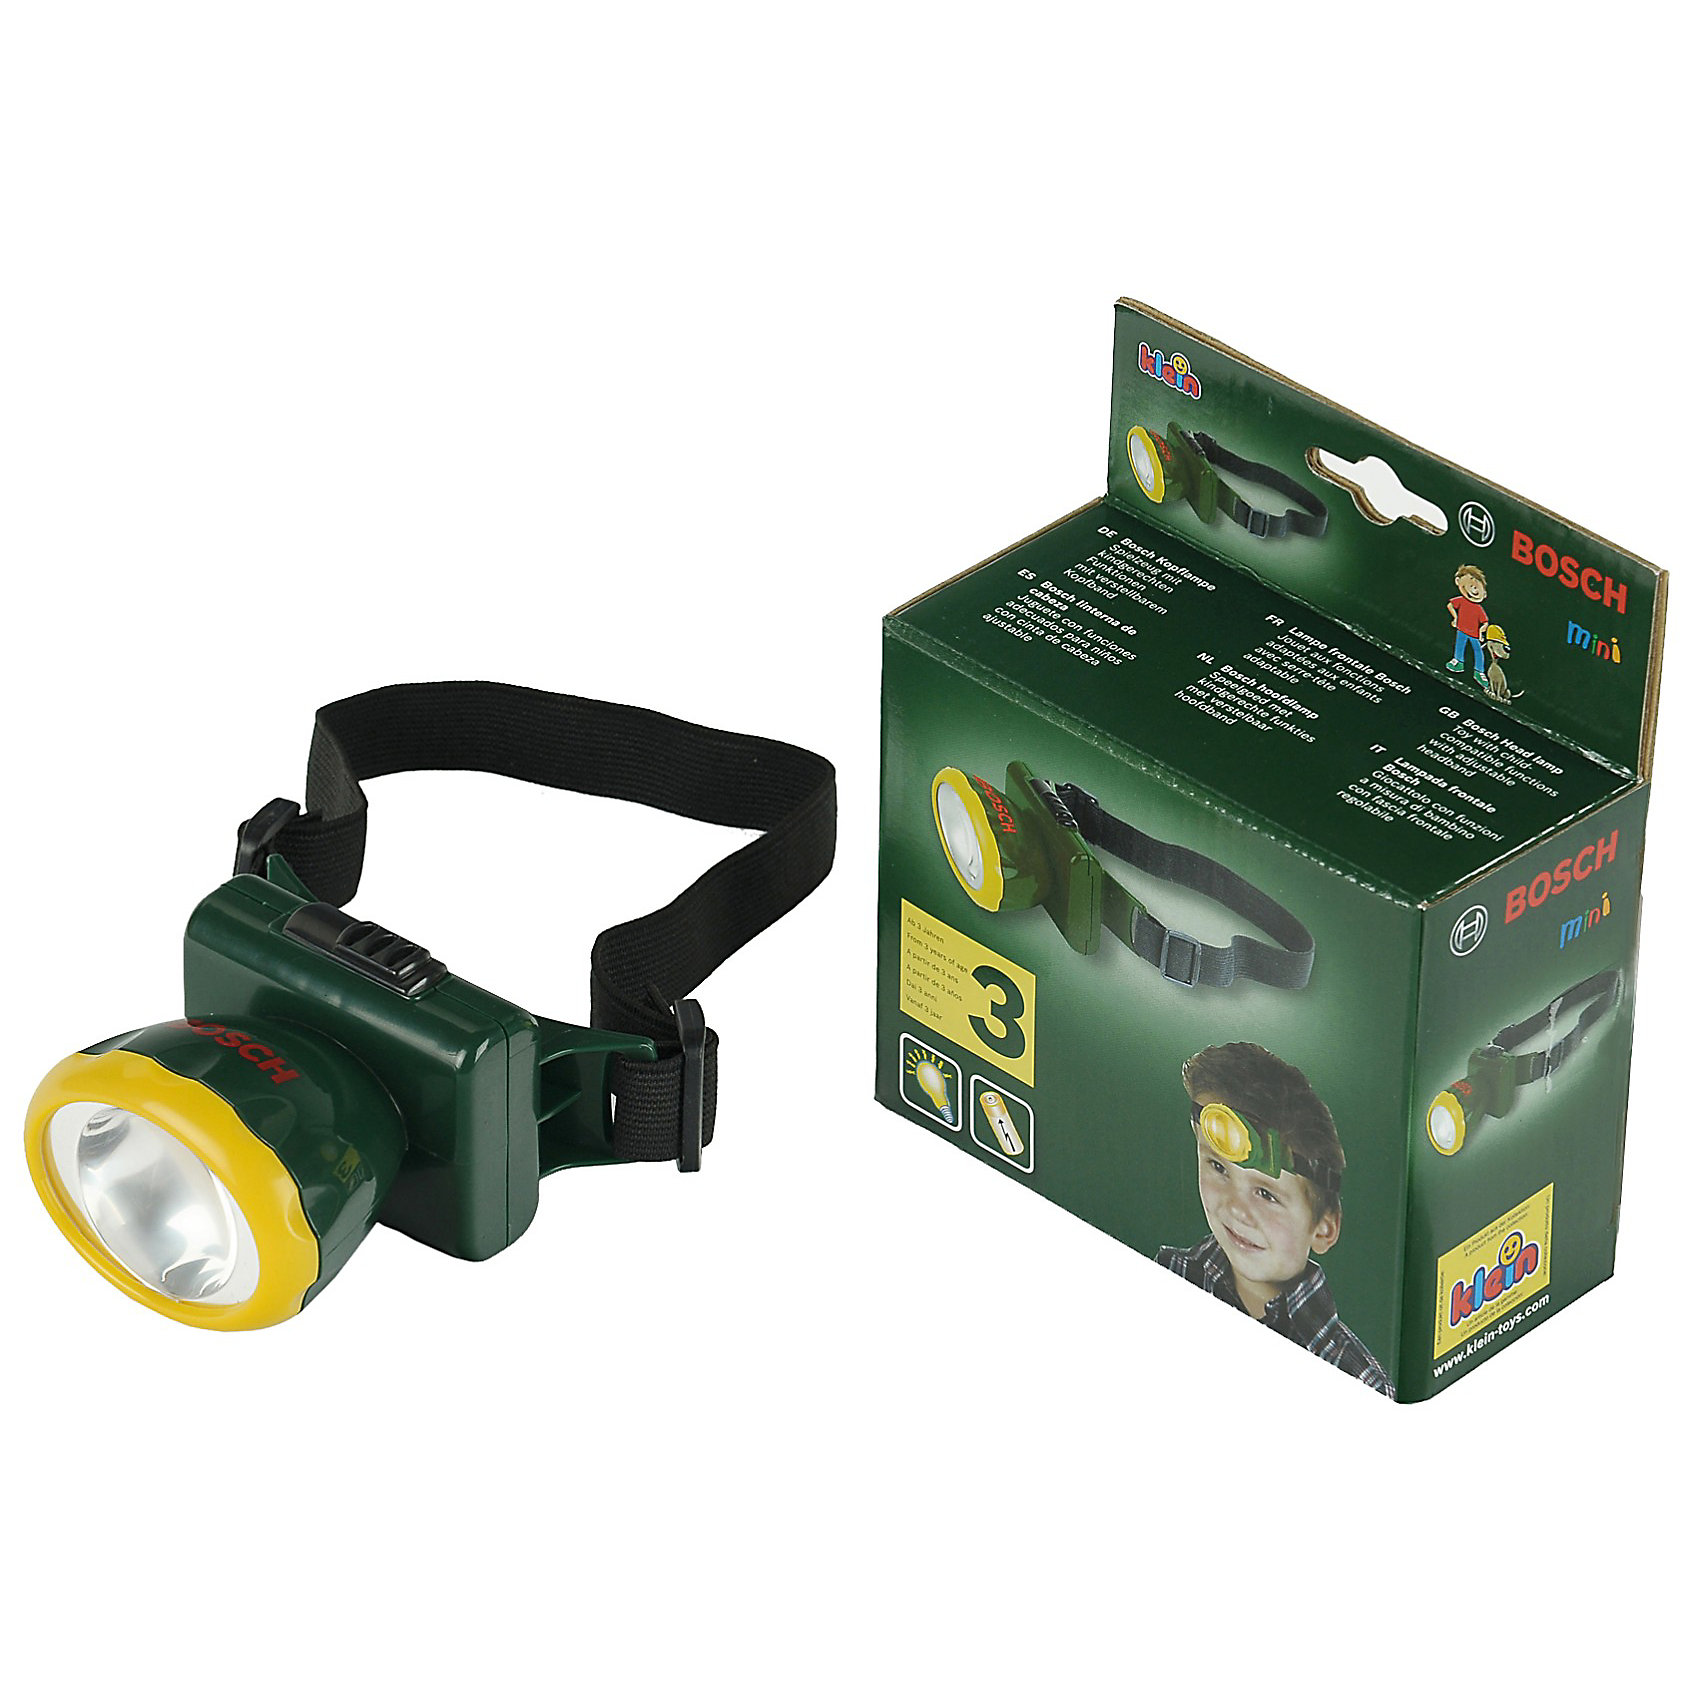 klein Налобный фонарик Bosch, Klein налобный фонарь sunree l40 ipx8 4led